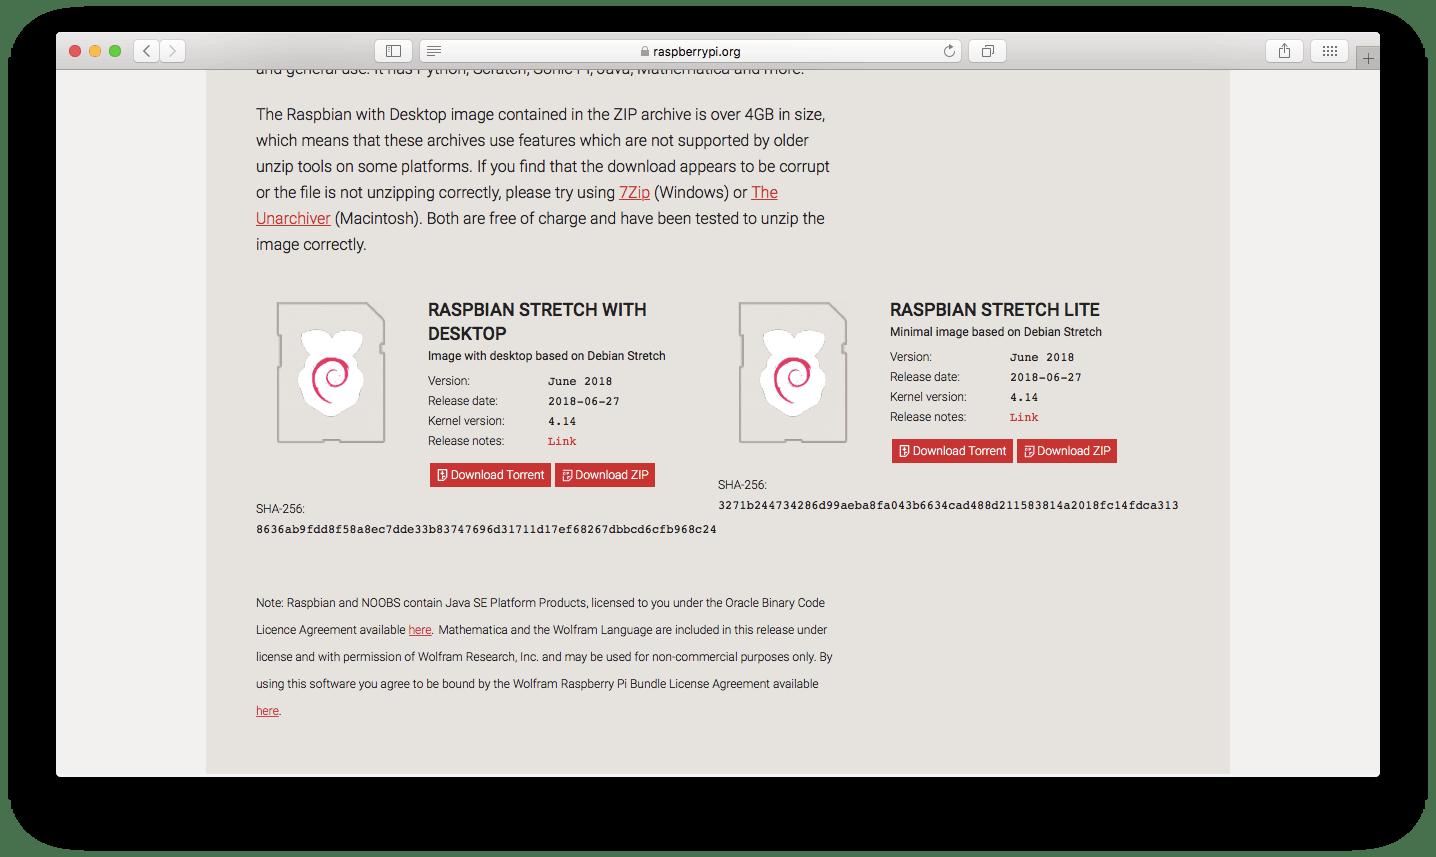 Raspberry Pi 起動用の SD カードを作成する - Qiita